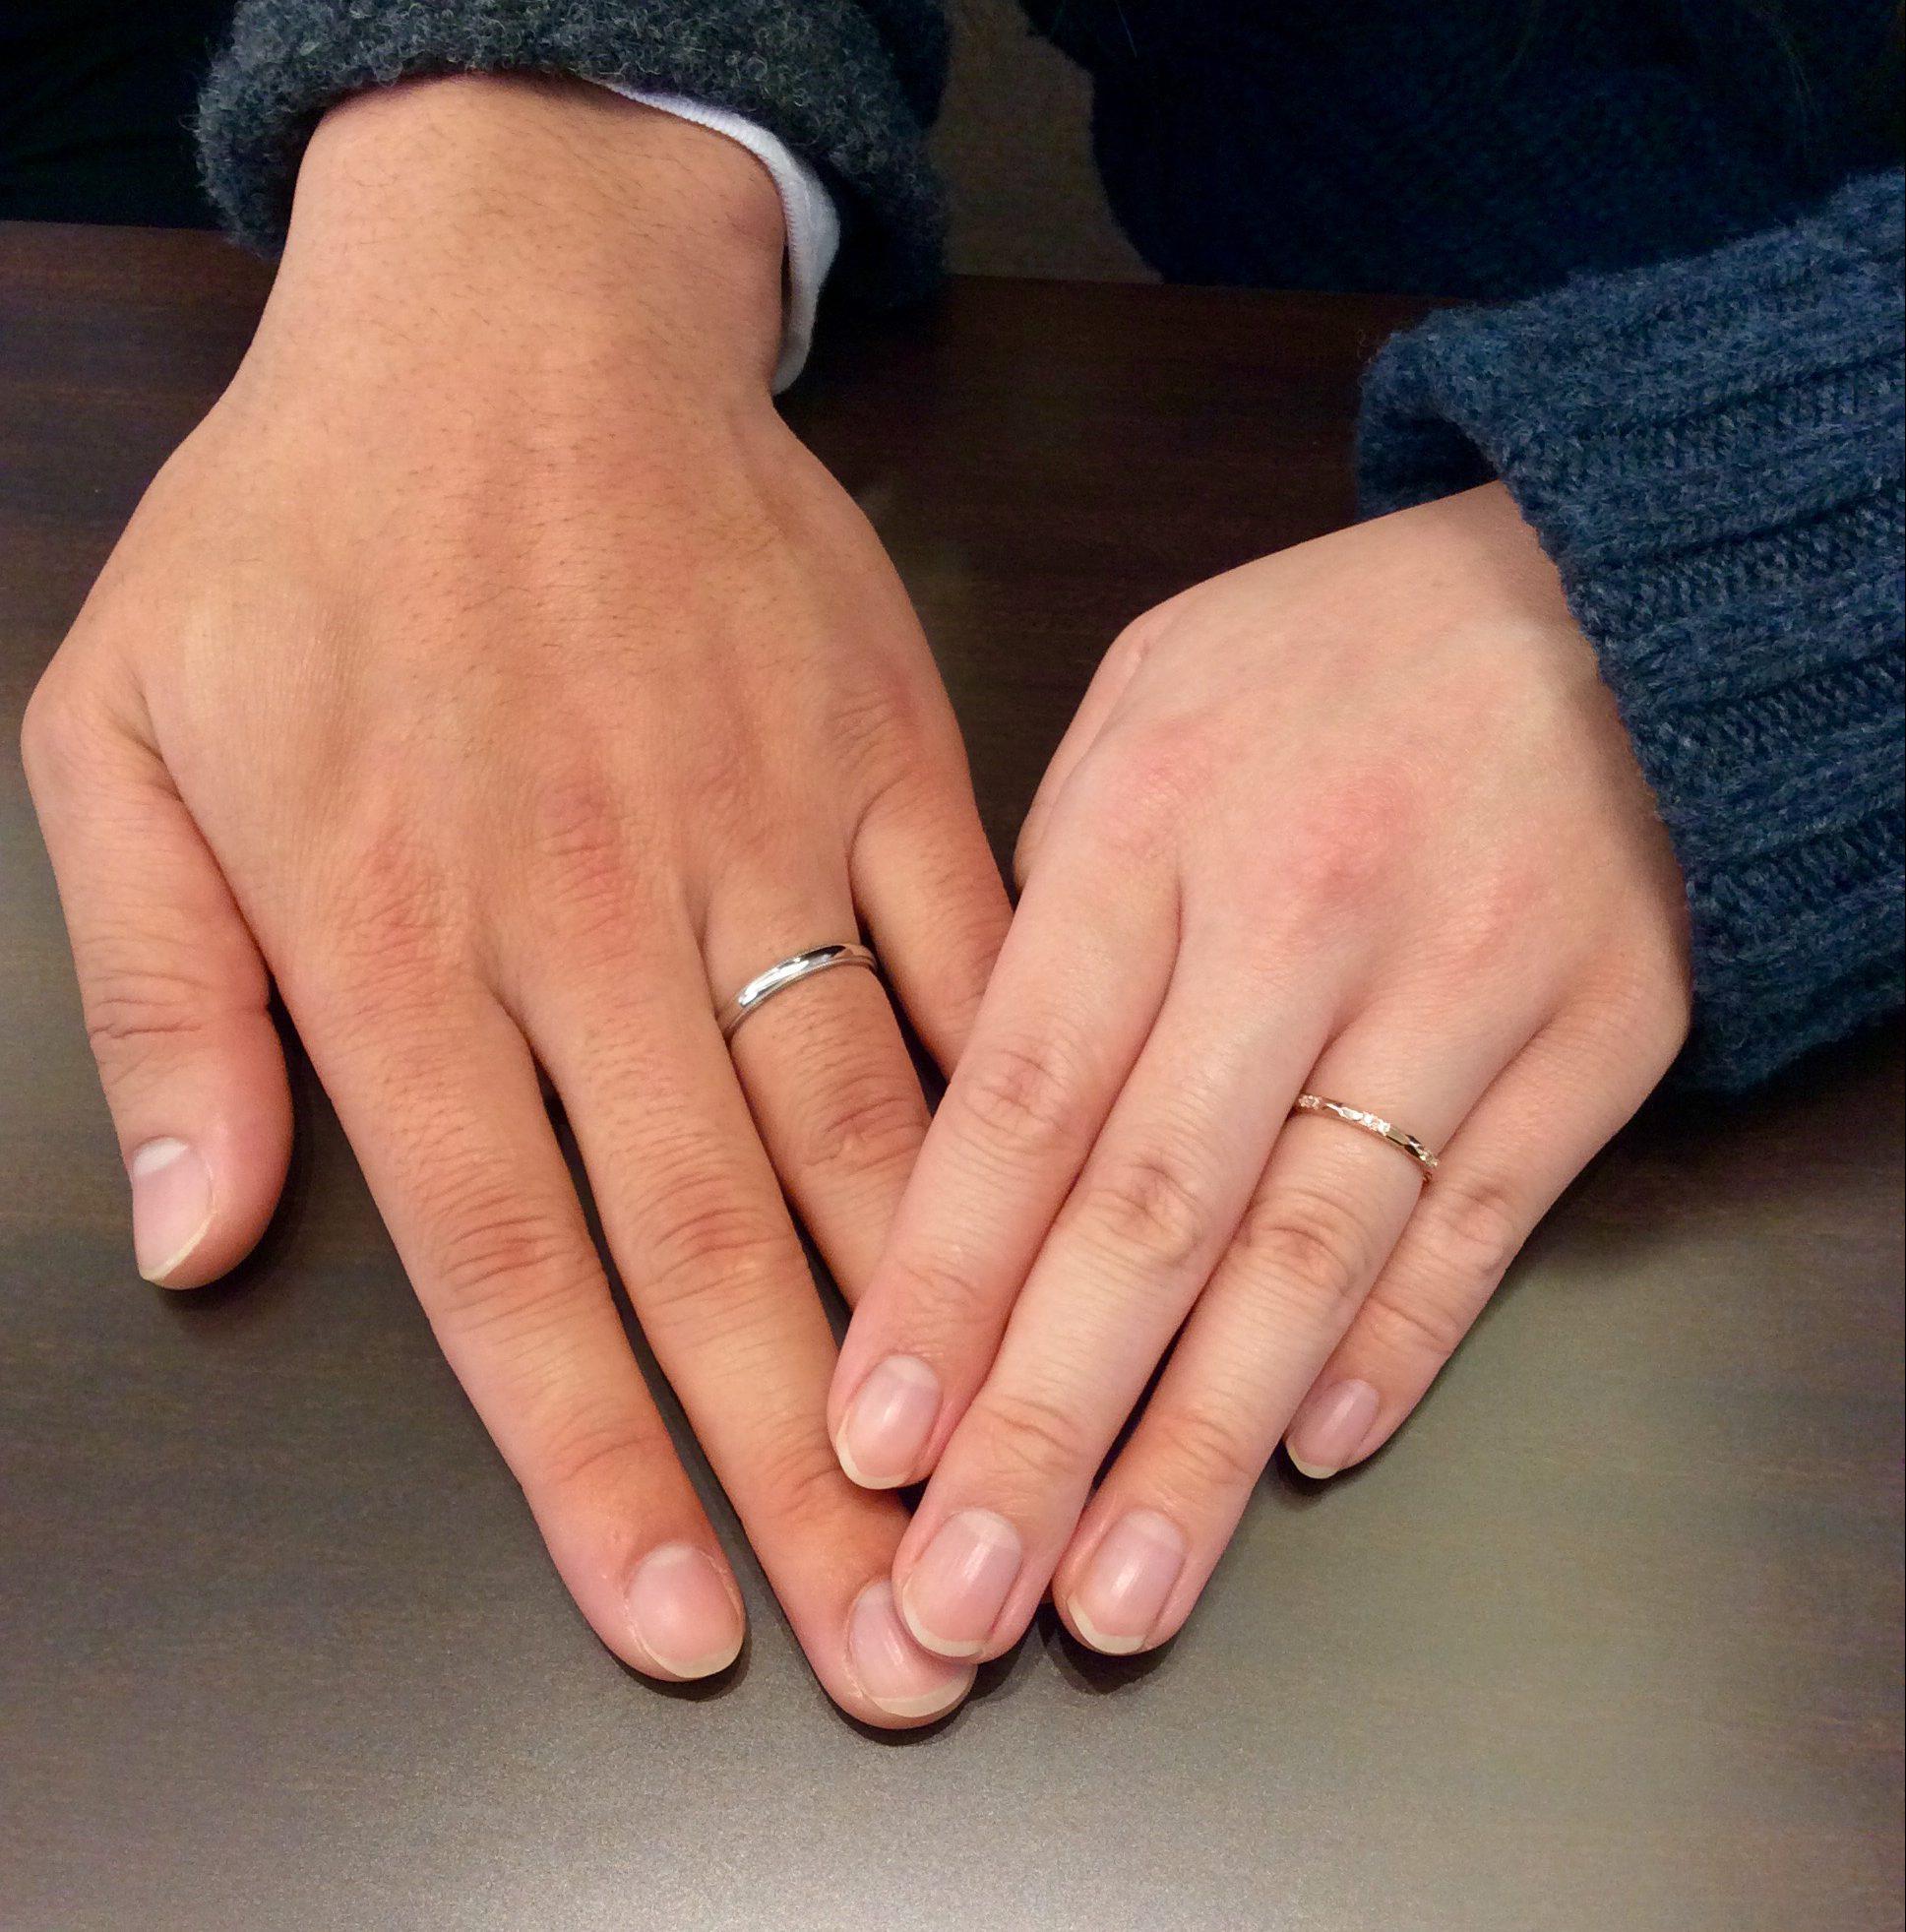 結婚指輪 LUCIE(ルシエ)のサンティエ&ブランシュ(長岡市/M様・Y様)